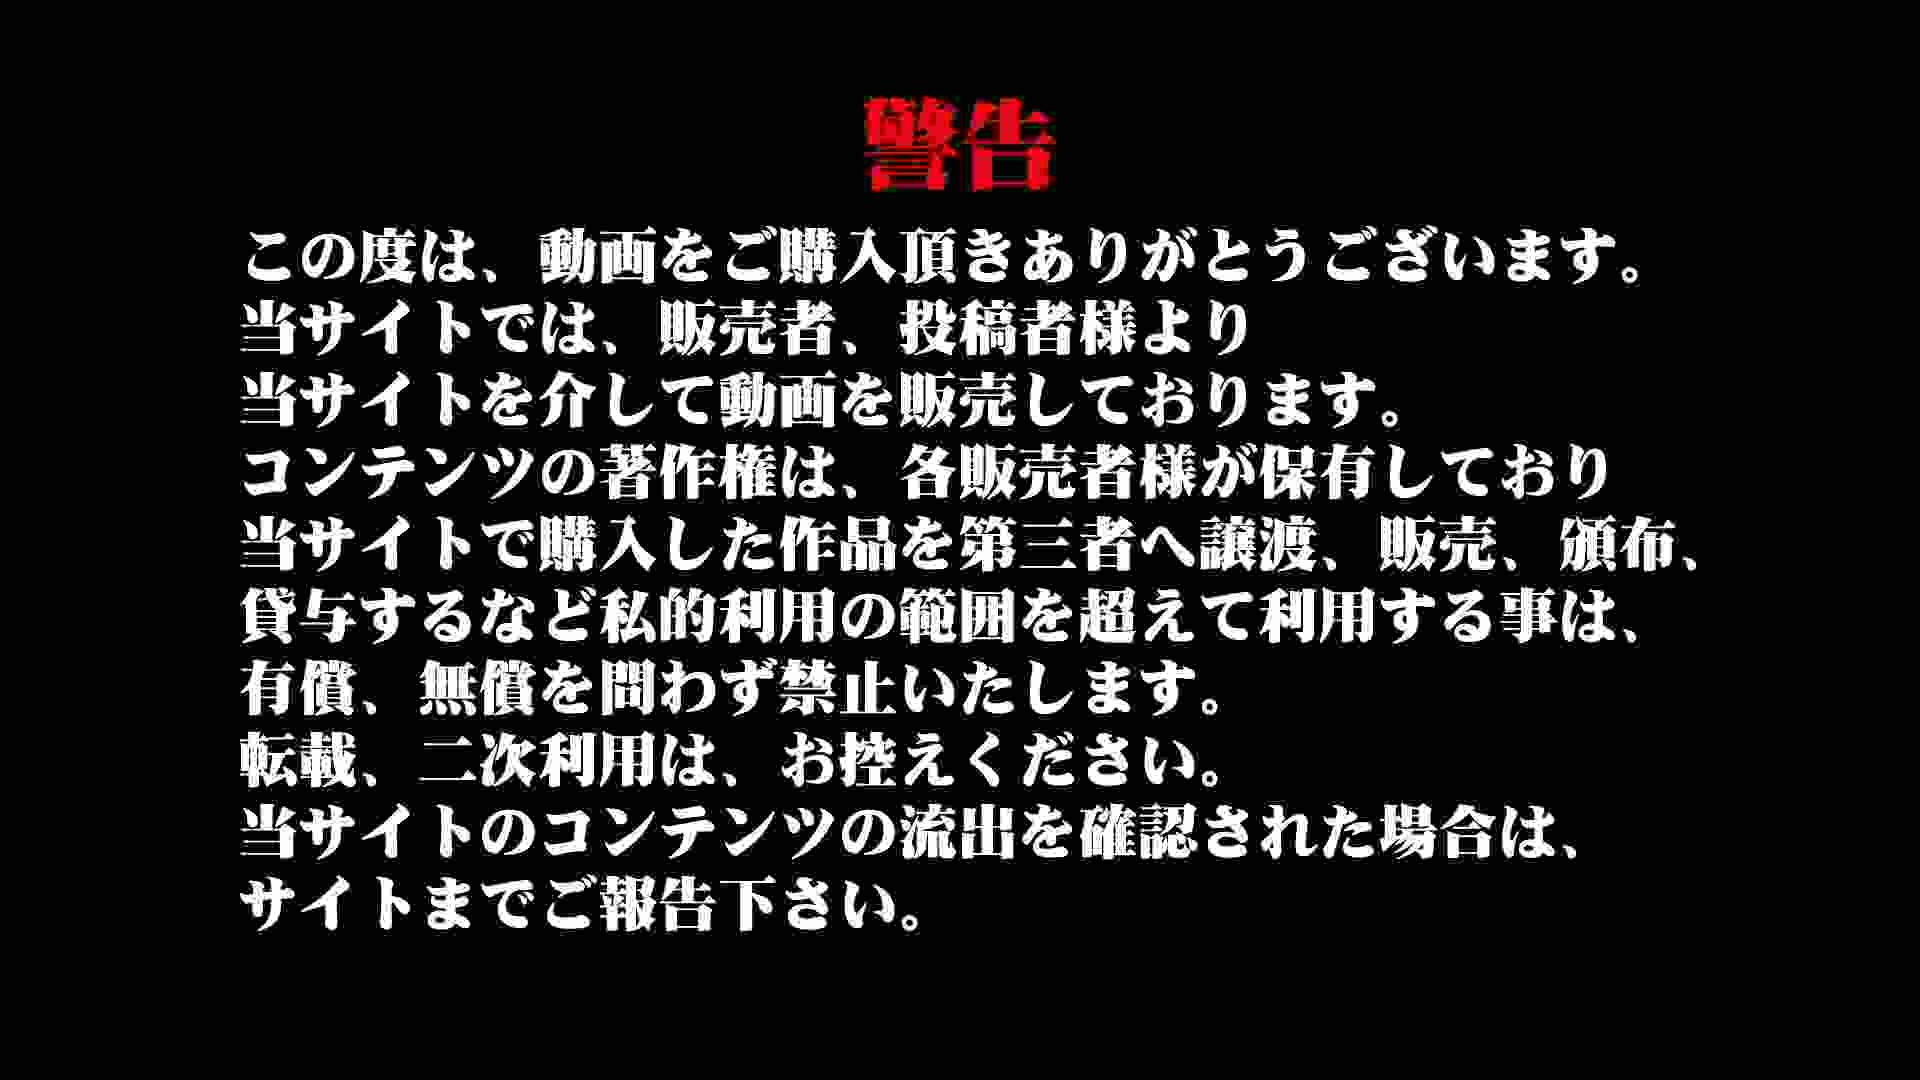 Aquaな露天風呂Vol.927 OLのエロ生活 | 盗撮  89連発 28